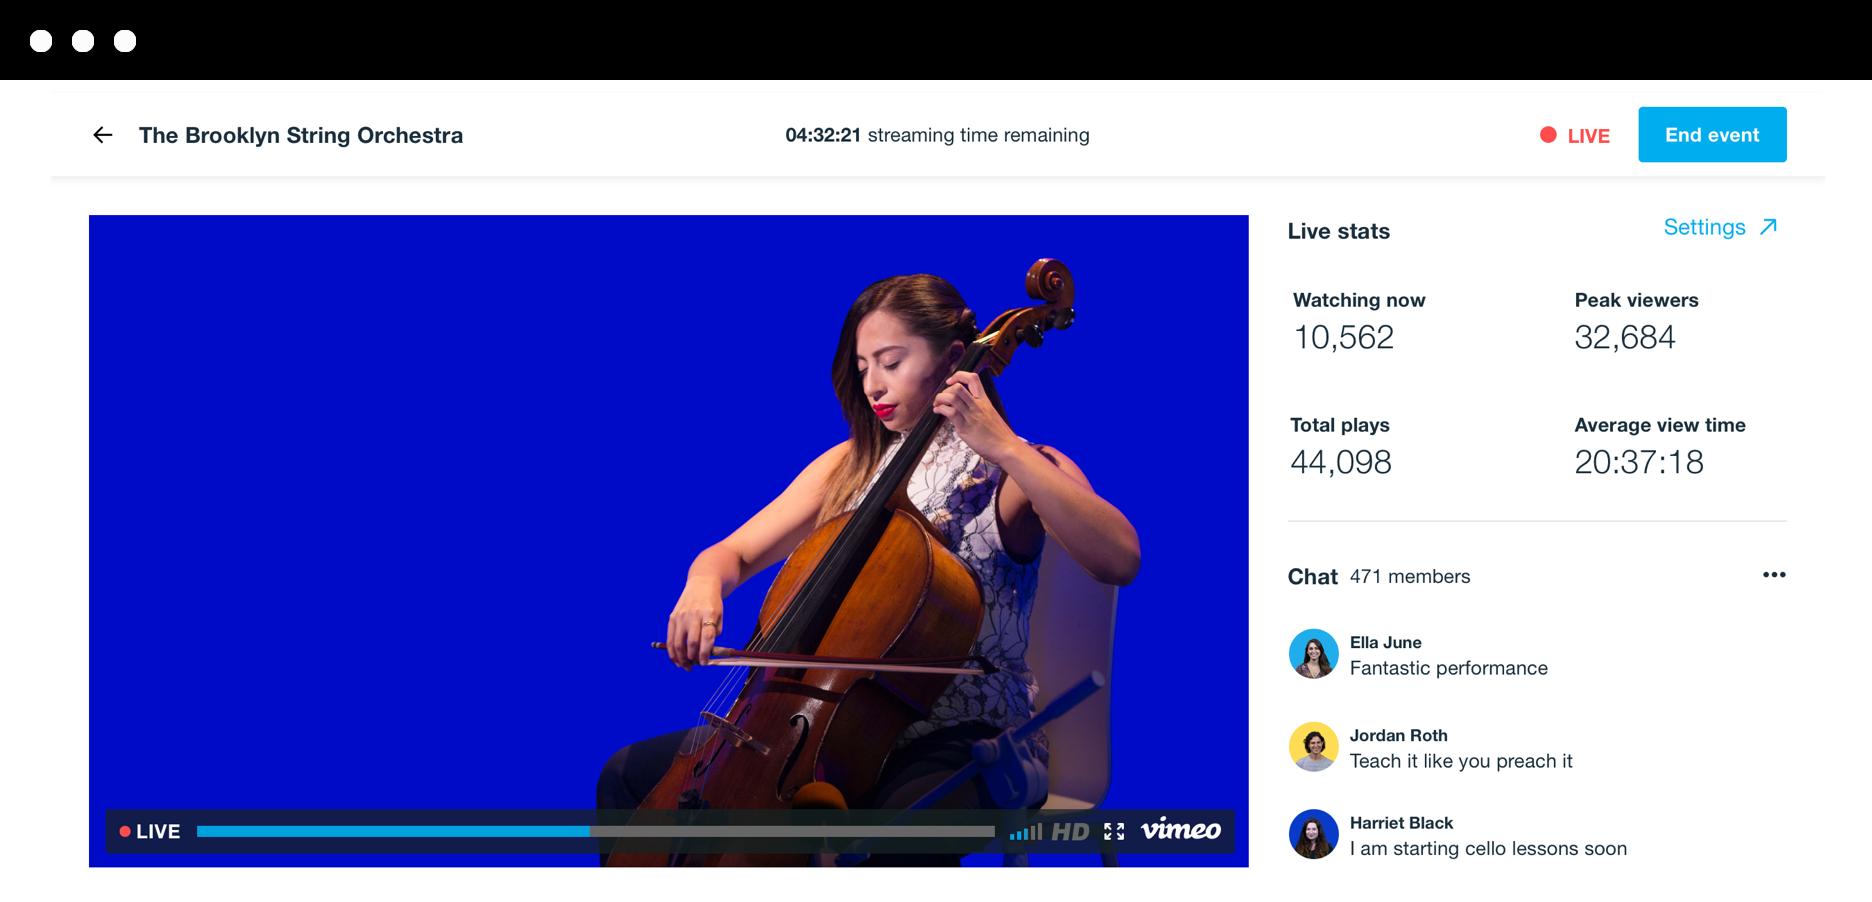 Un plan fixe du live stream d'un violoncelliste, montrant le player video ainsi que les stats et la fenêtre de discussion en direct sur le côté droit.